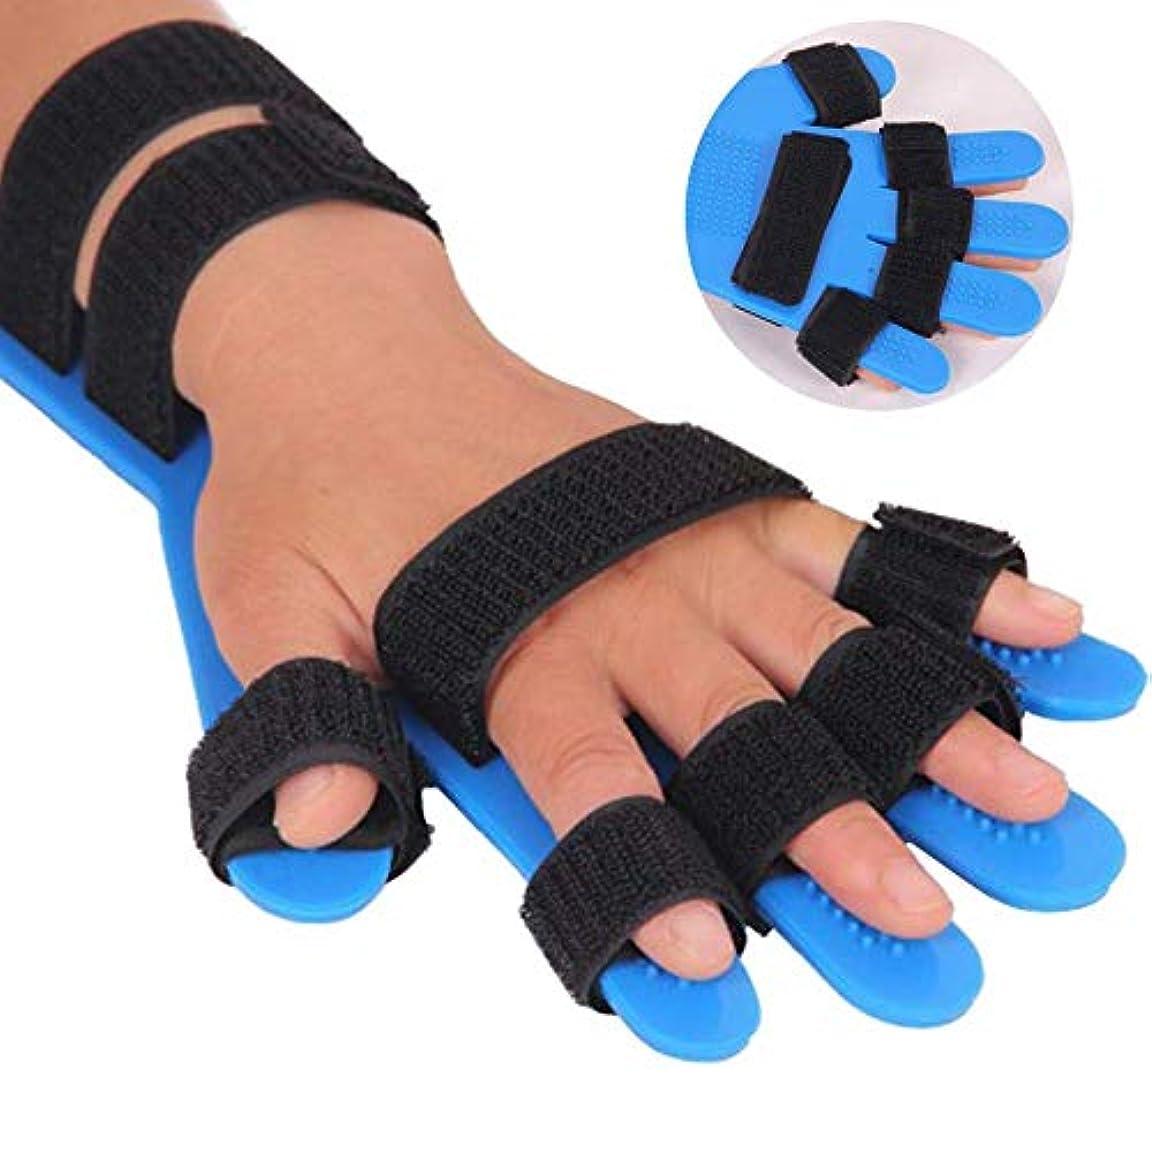 地下遠近法推進力スプリント指指セパレーター、ばね指の添え木指、指インソールは、脳卒中/片麻痺/外傷性脳損傷のための指板、調節可能な手の指ボード装具スプリットフィンガートレーニングデバイスを、ポイント